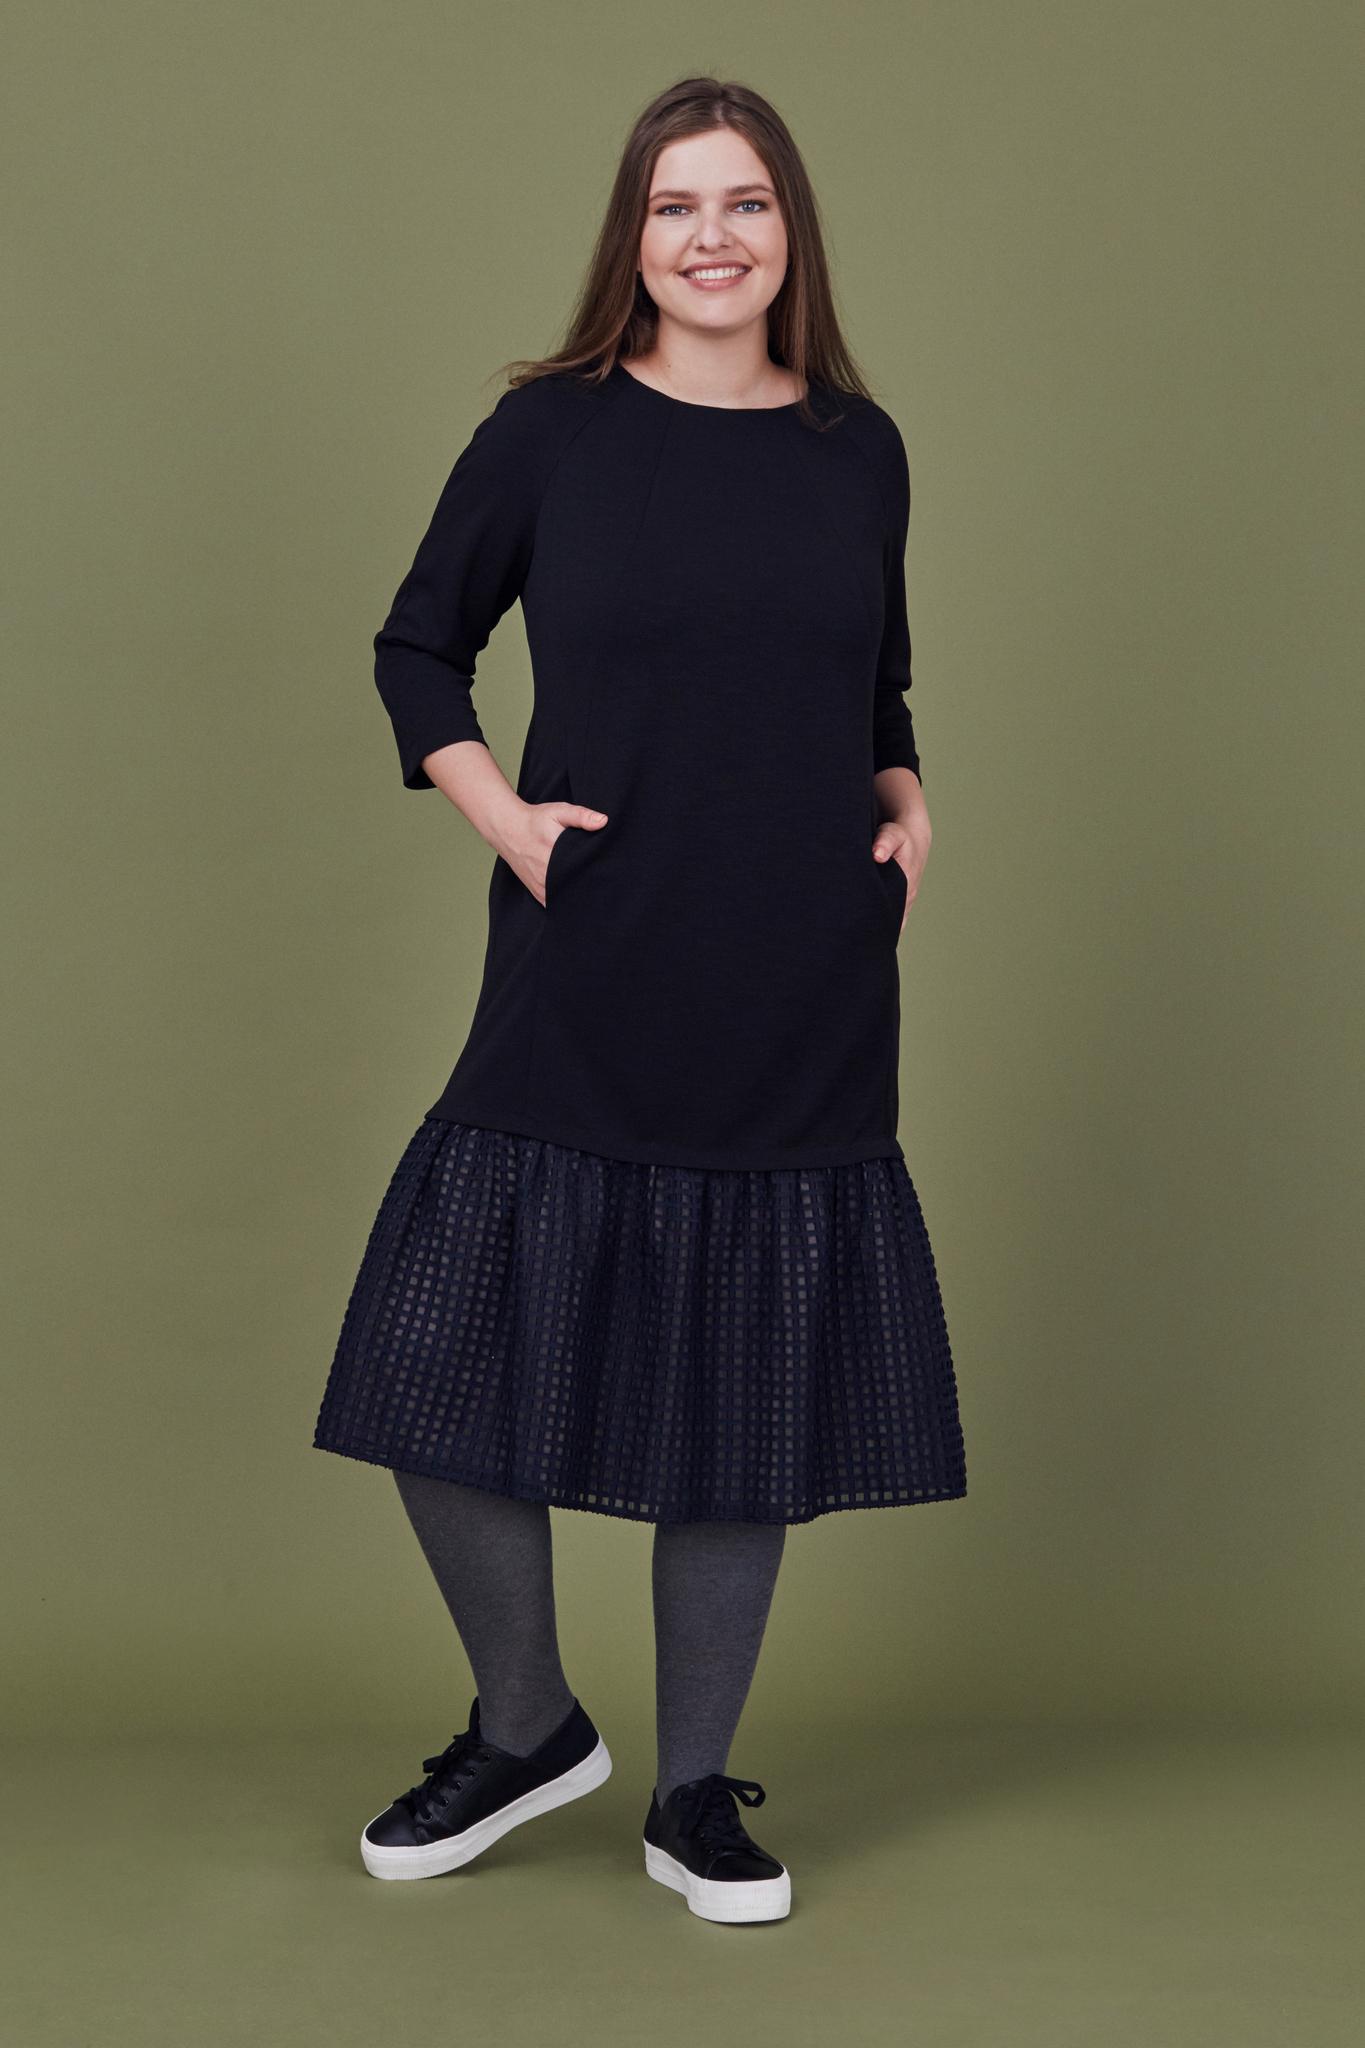 Платье LE-07 D02 01Платья<br>Прямое платье из плотного трикотажа с двухслойным ярусом.  Длина рукава 5/6, длина- чуть ниже колена. Рекомендуем сочетать с любой обувью и аксессуарами. Рост модели на фото 178 см, размер - 54 российский.<br>